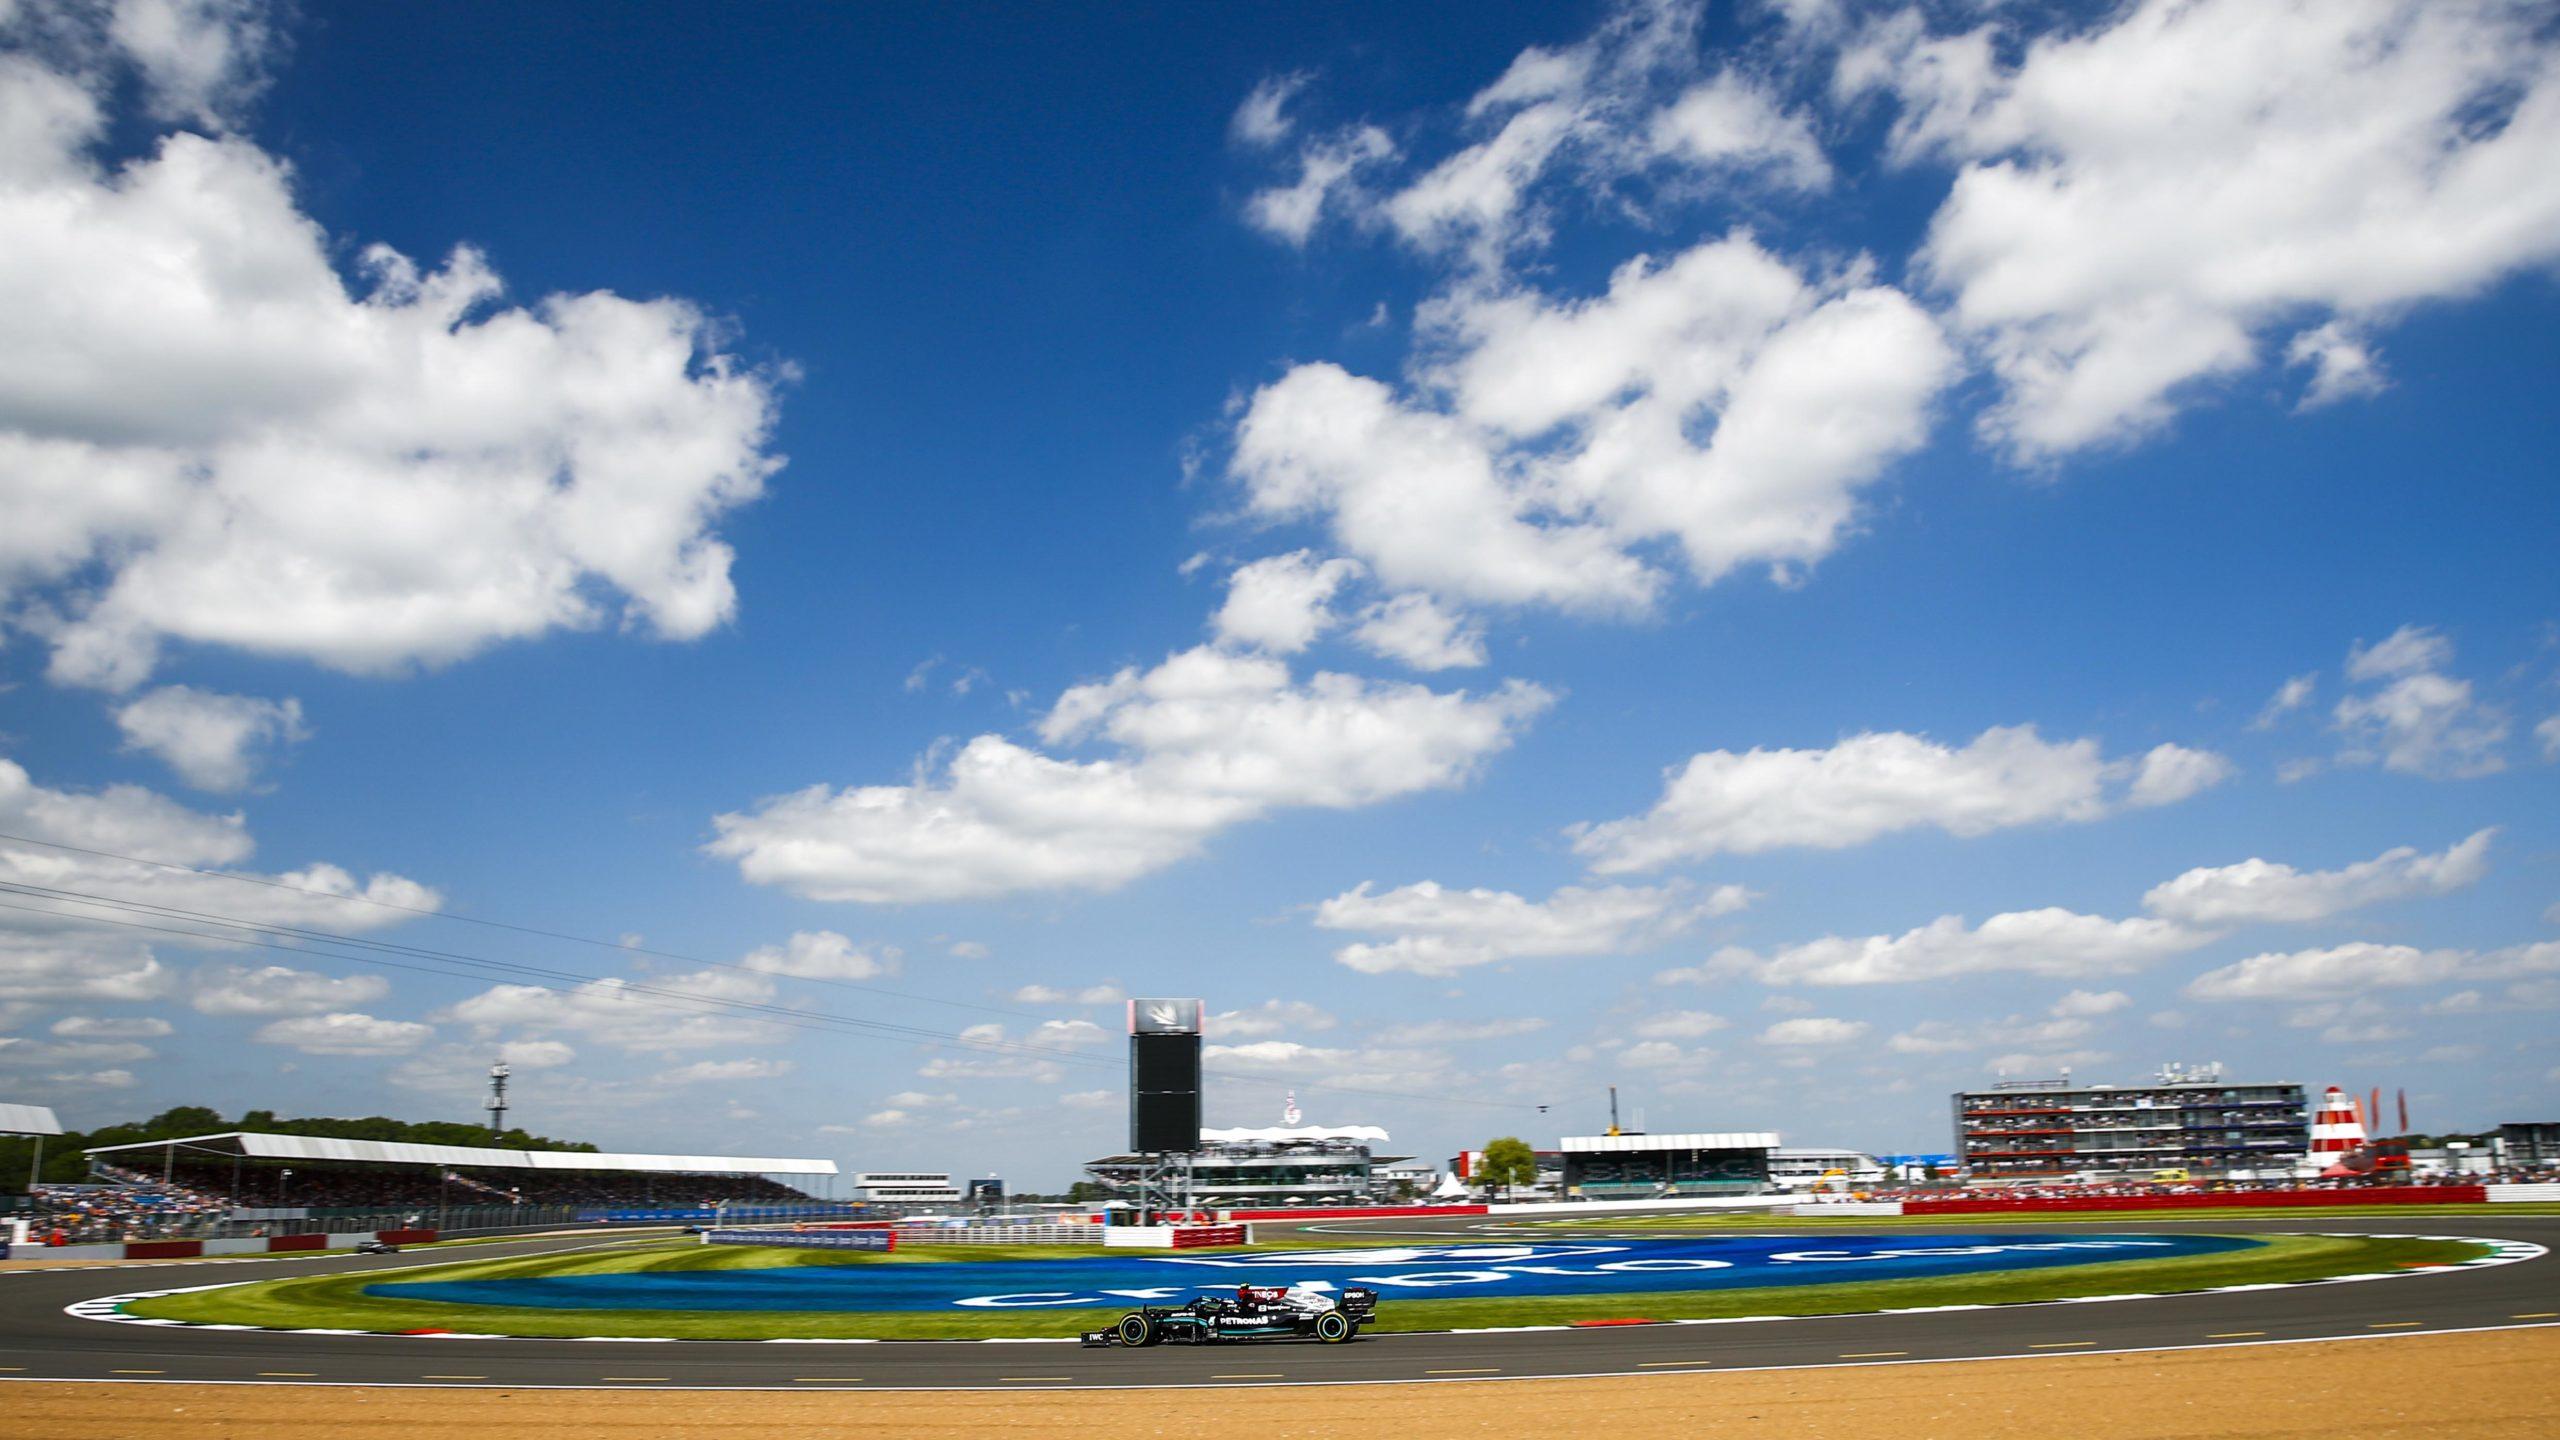 Mercedes-of-Valtteri-Bottas-in-practice-for-the-2021-British-Grand-Prix-